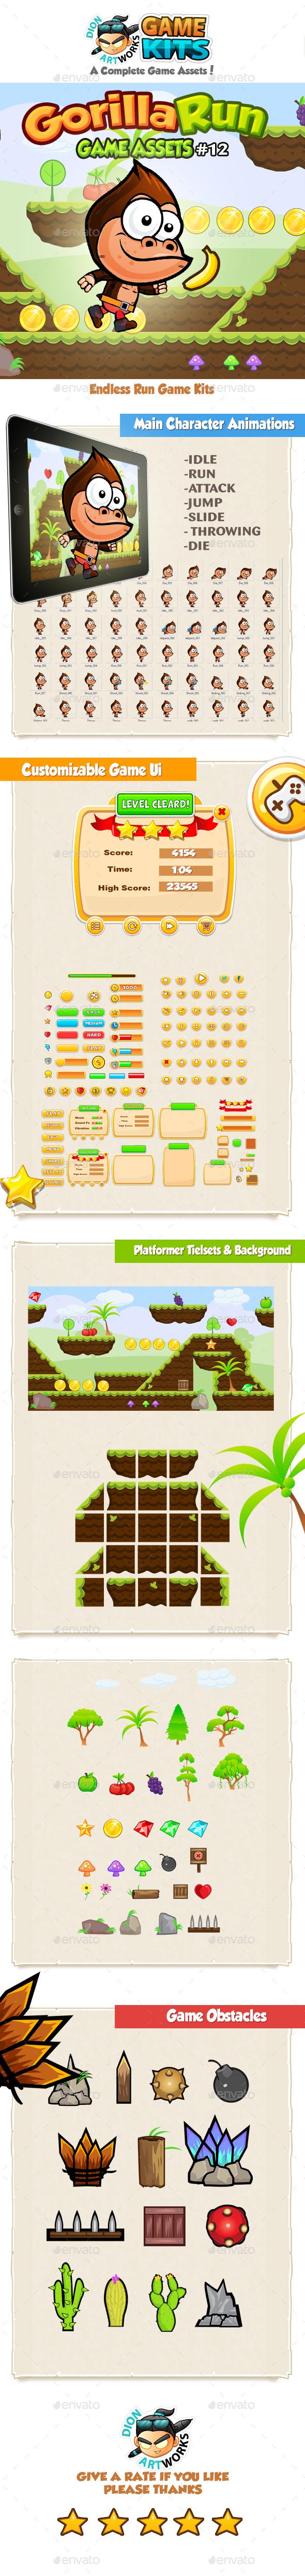 Gorilla Run Platformer Game Assets 12 - Game Kits Game Assets